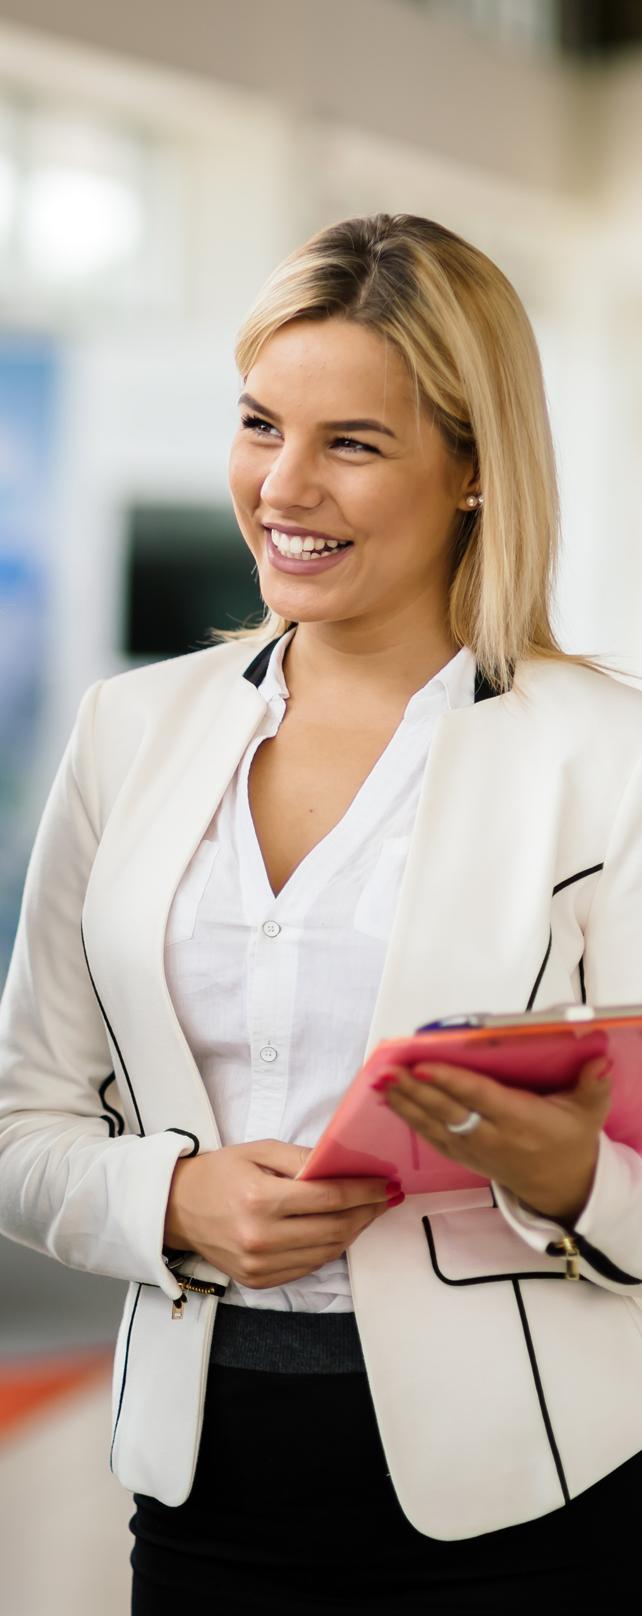 avance-call-center-atendimento-consultoria